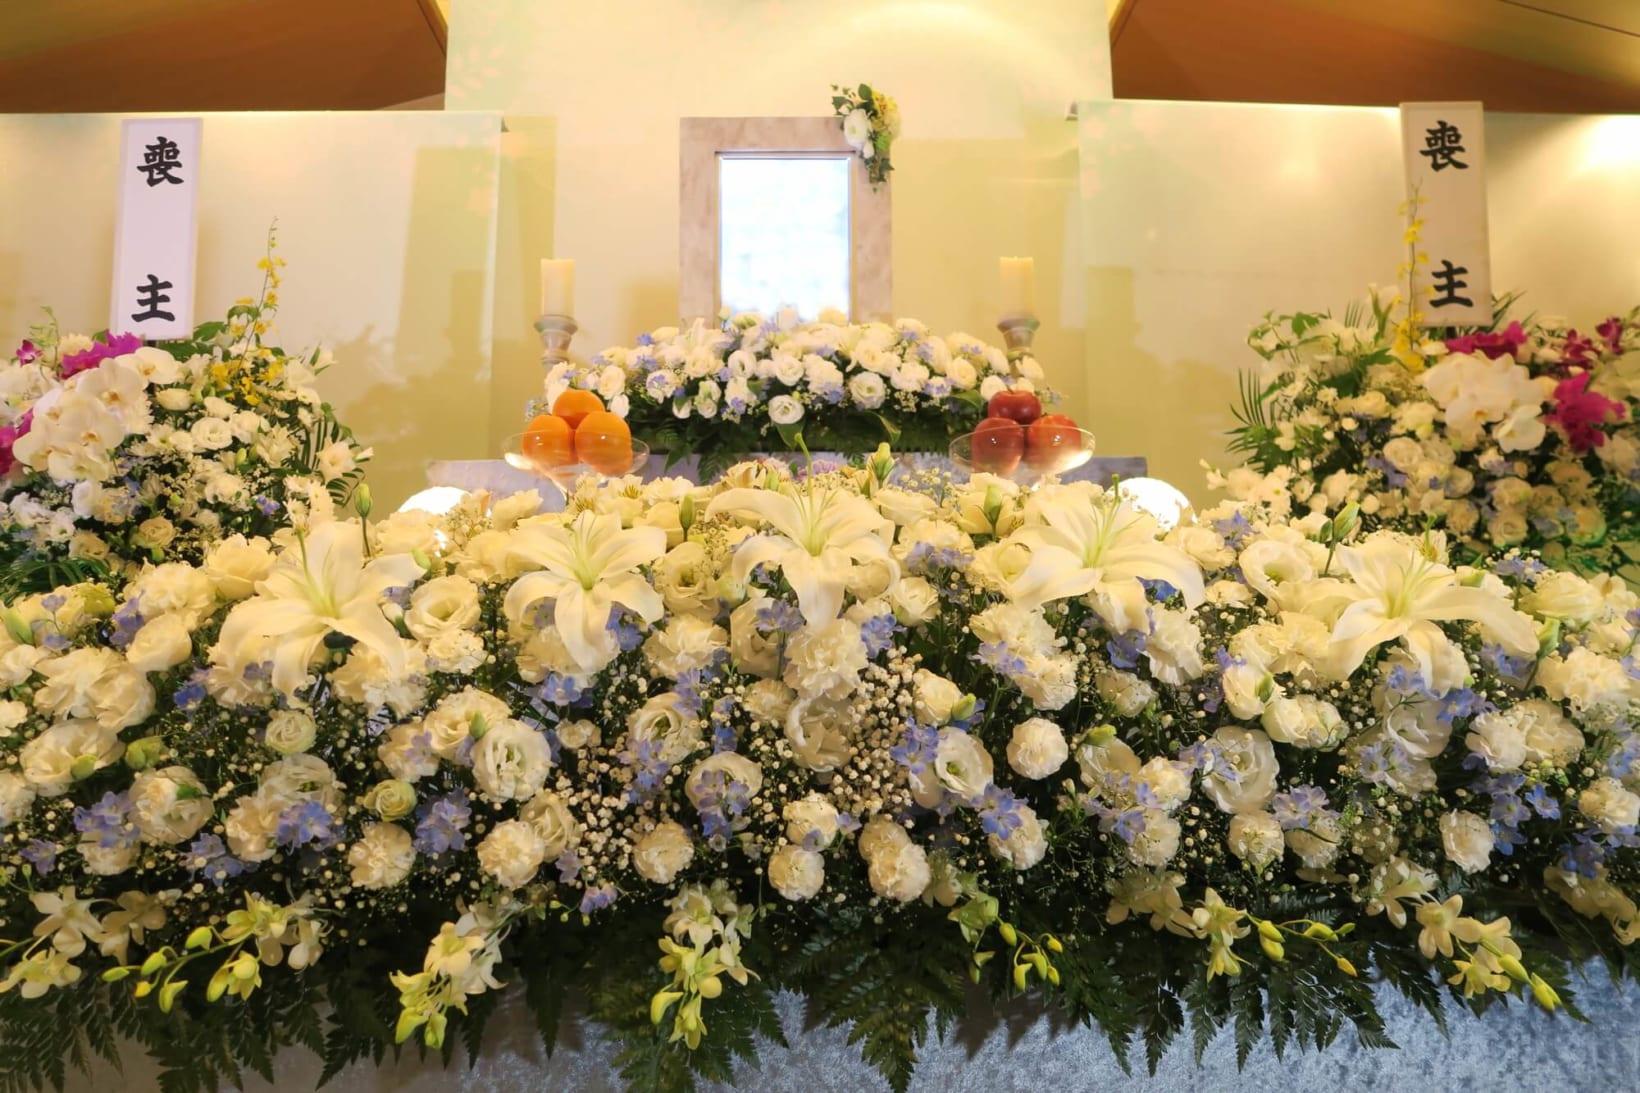 花祭壇とは、祭壇を花で埋め尽くす葬儀の形